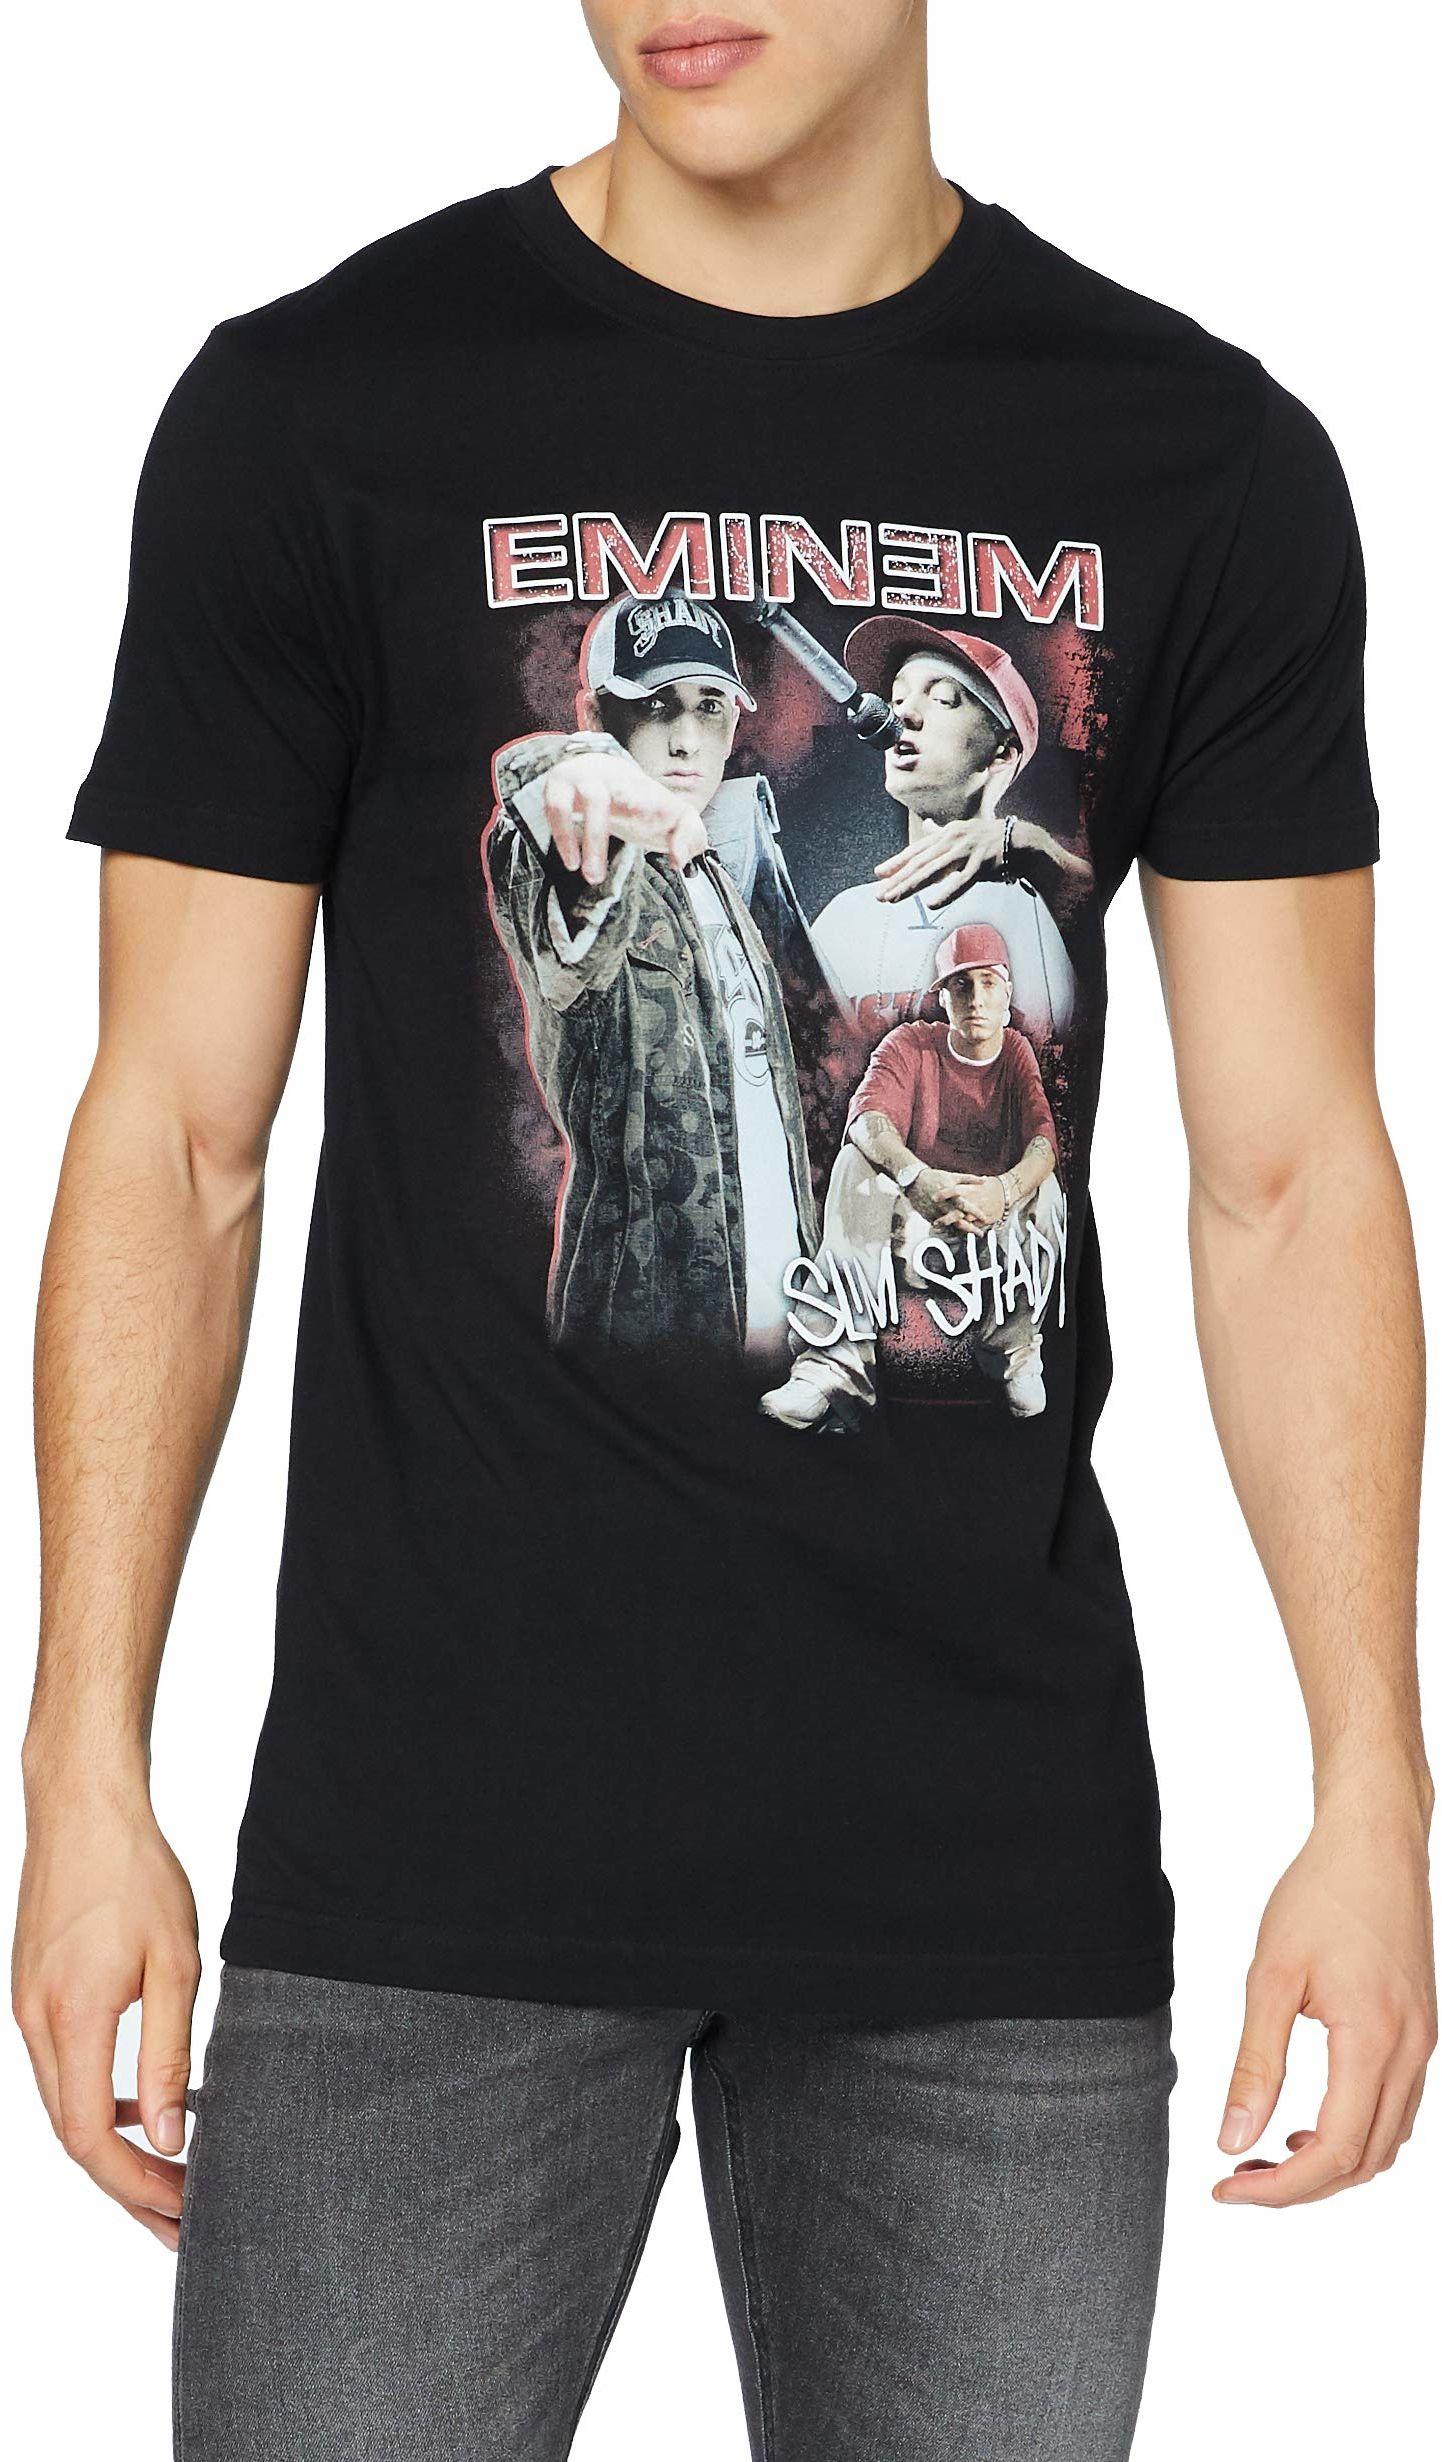 Mister Tee męska Eminem Slim Shady T-shirt z krótkim rękawem Czarny XXL